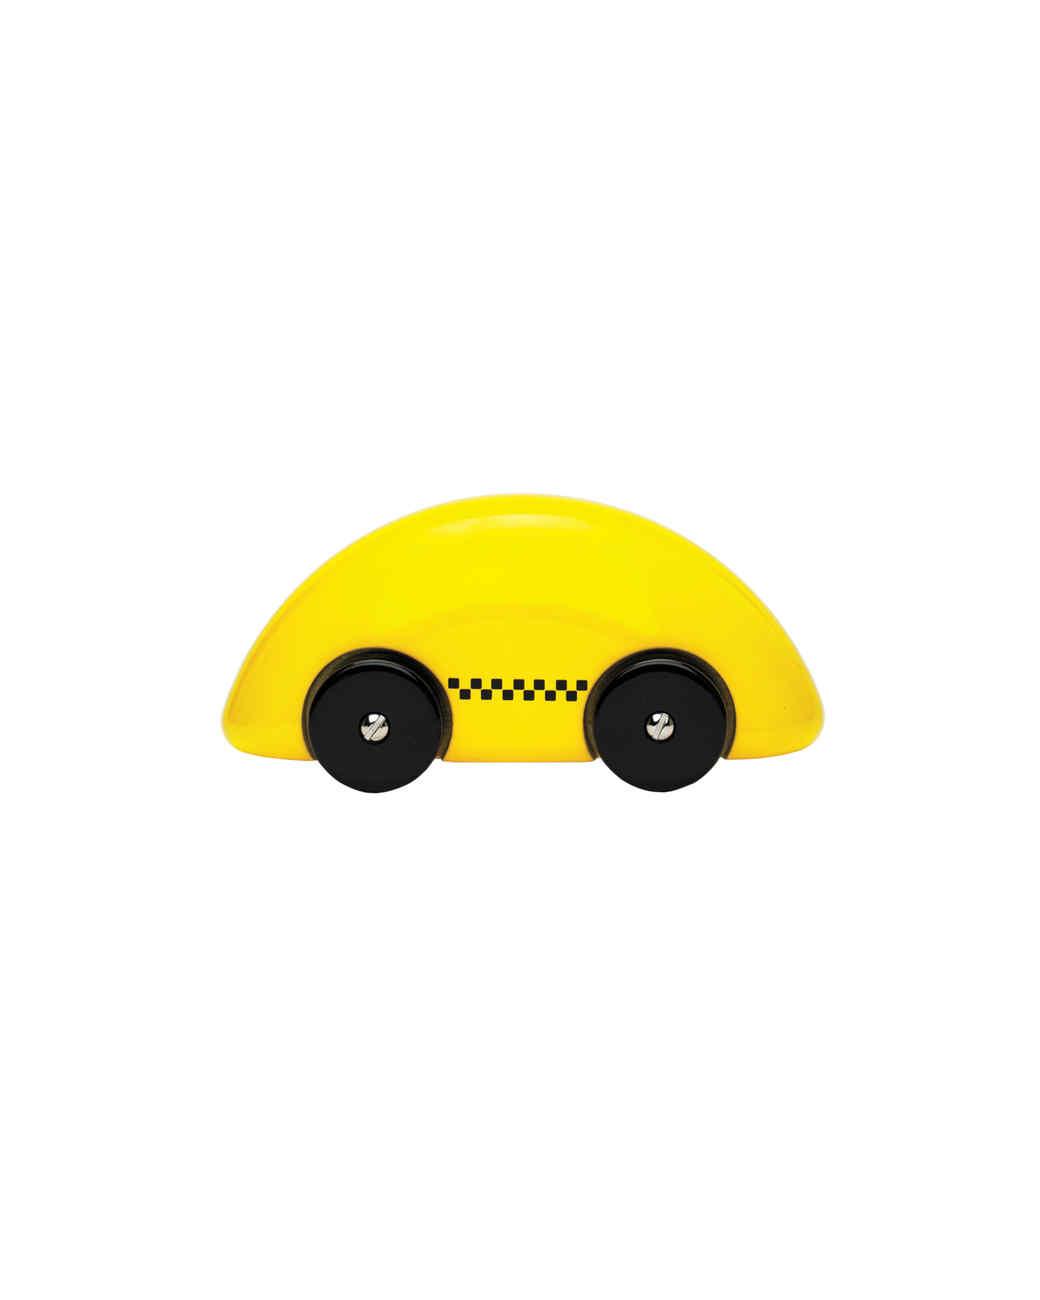 taxi-mld108412.jpg